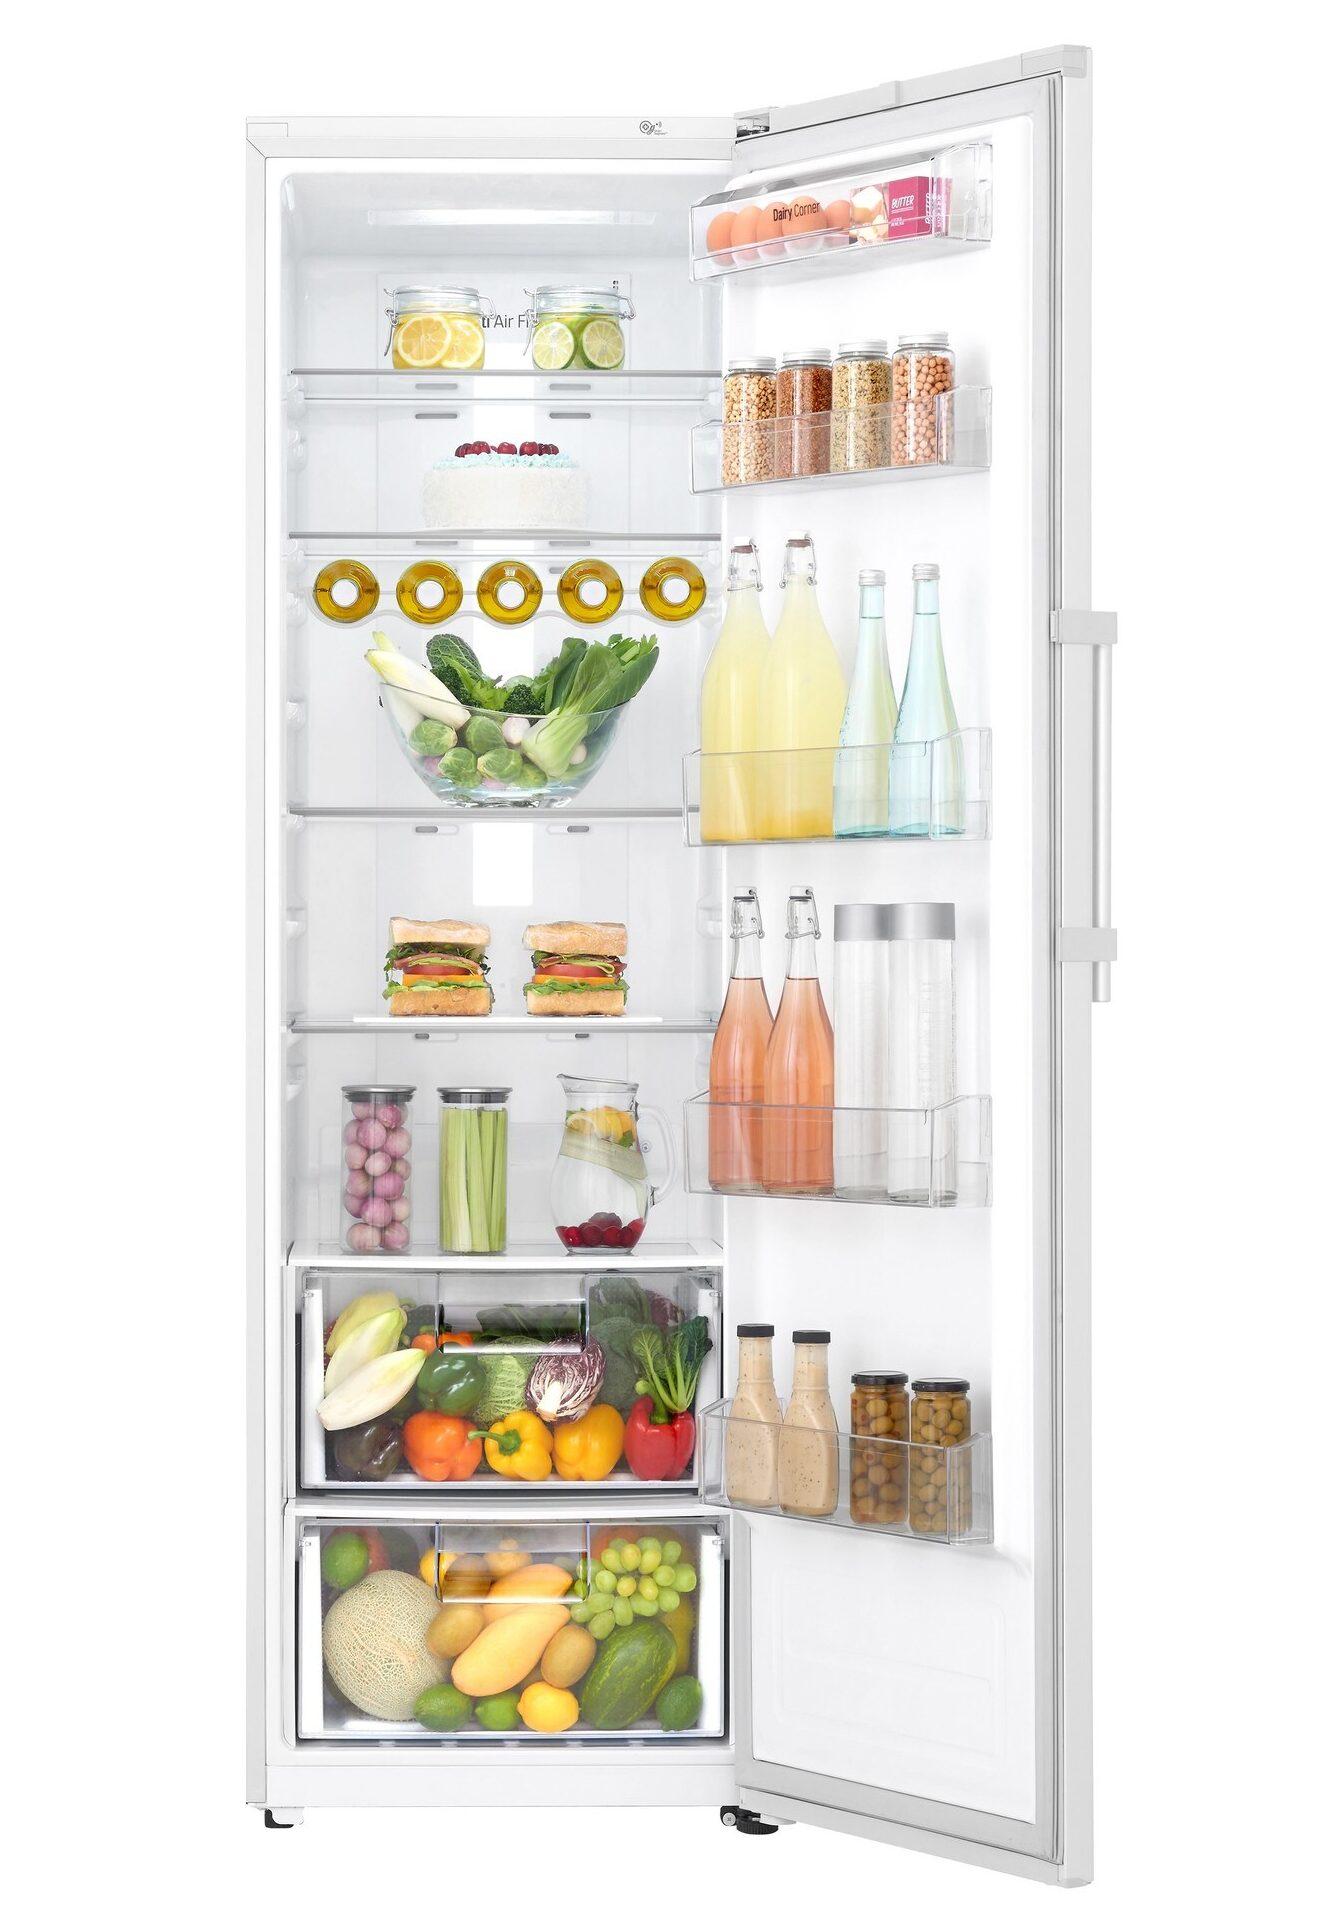 bedste køleskab